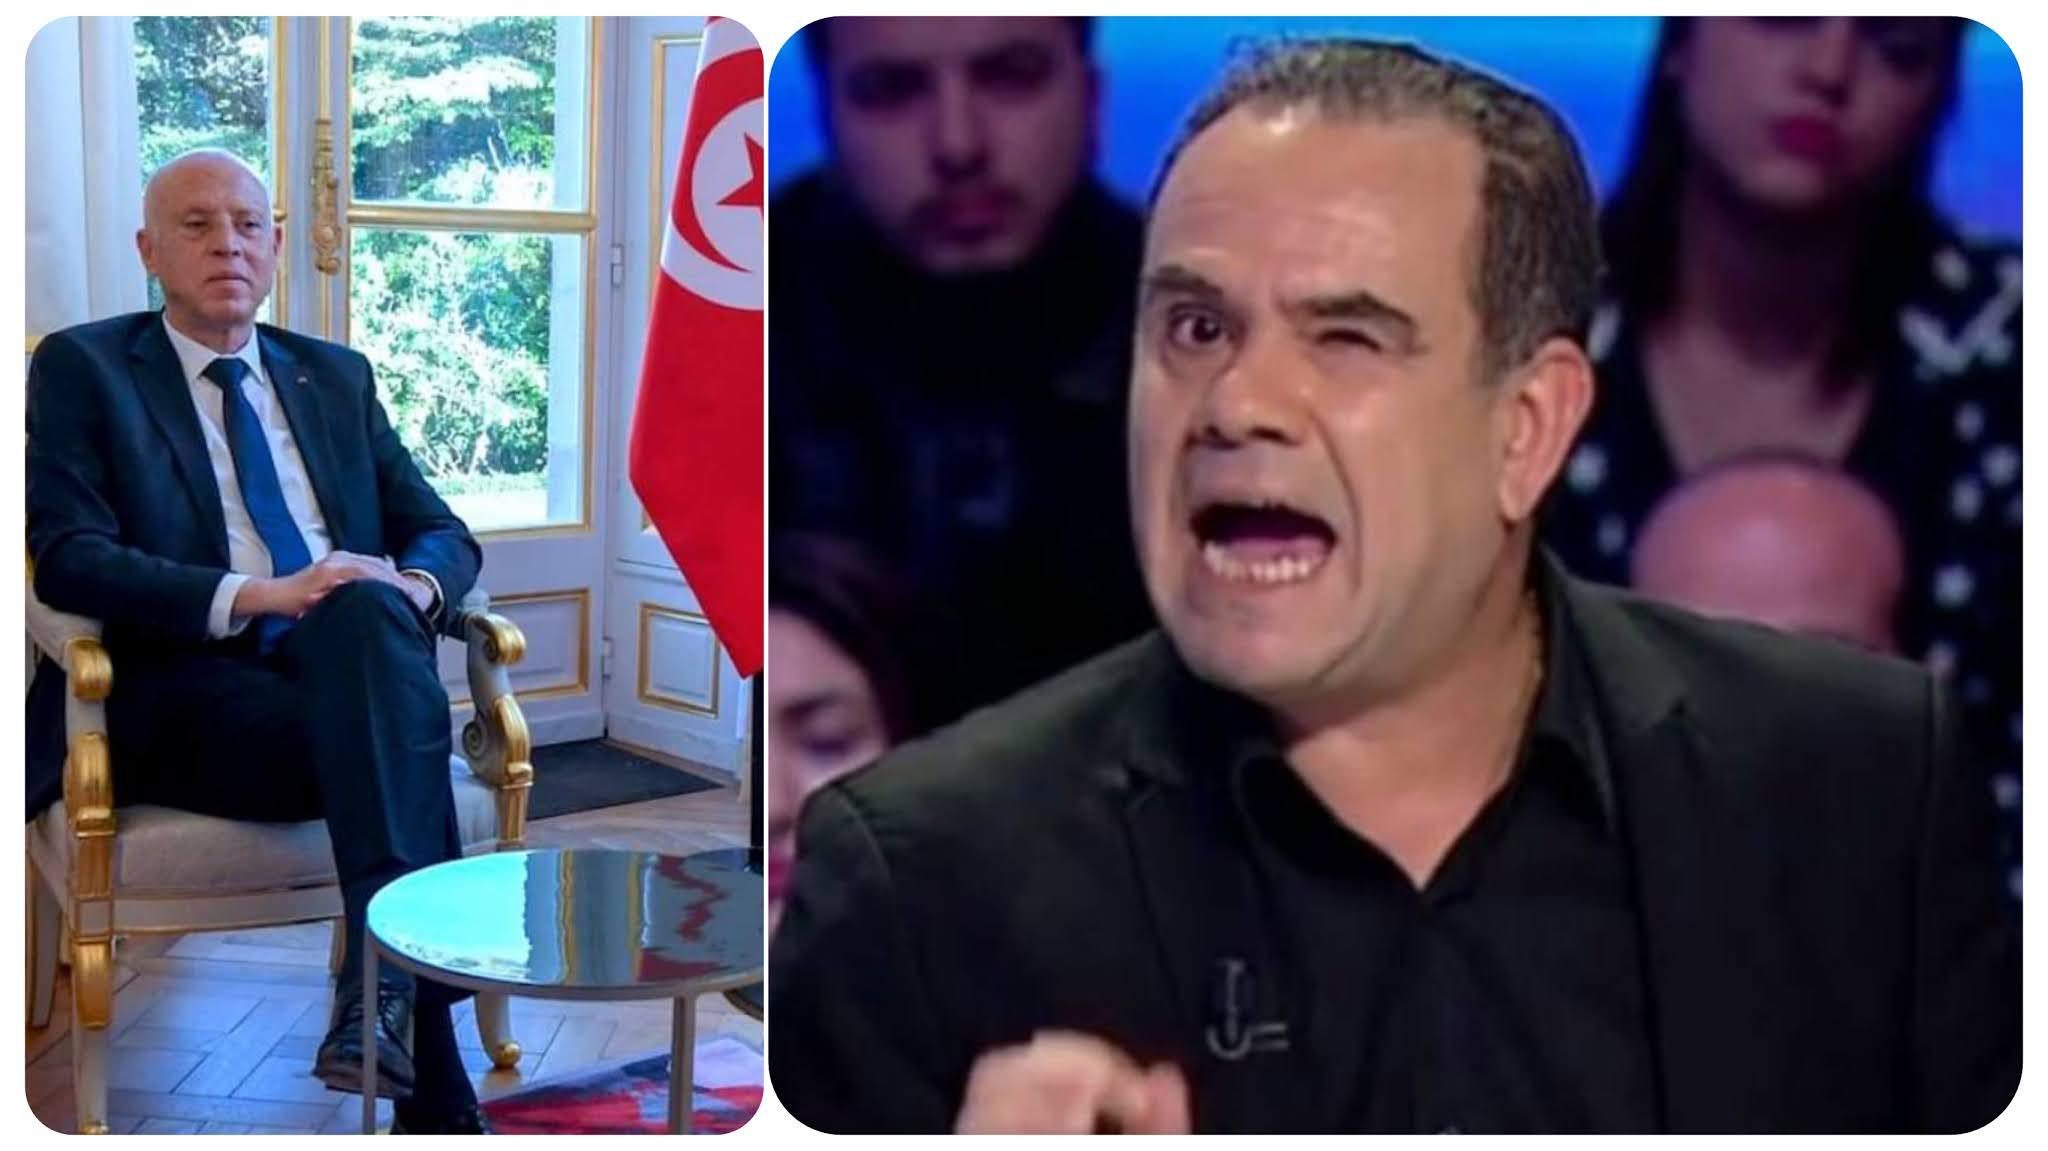 بالفيديو لطفي العماري: في مصر لديهم ديكتاتور يبني ويجلب الاستثمار وفي تونس لدينا رئيس ديمقراطي متسول مادد يدو للطلبة